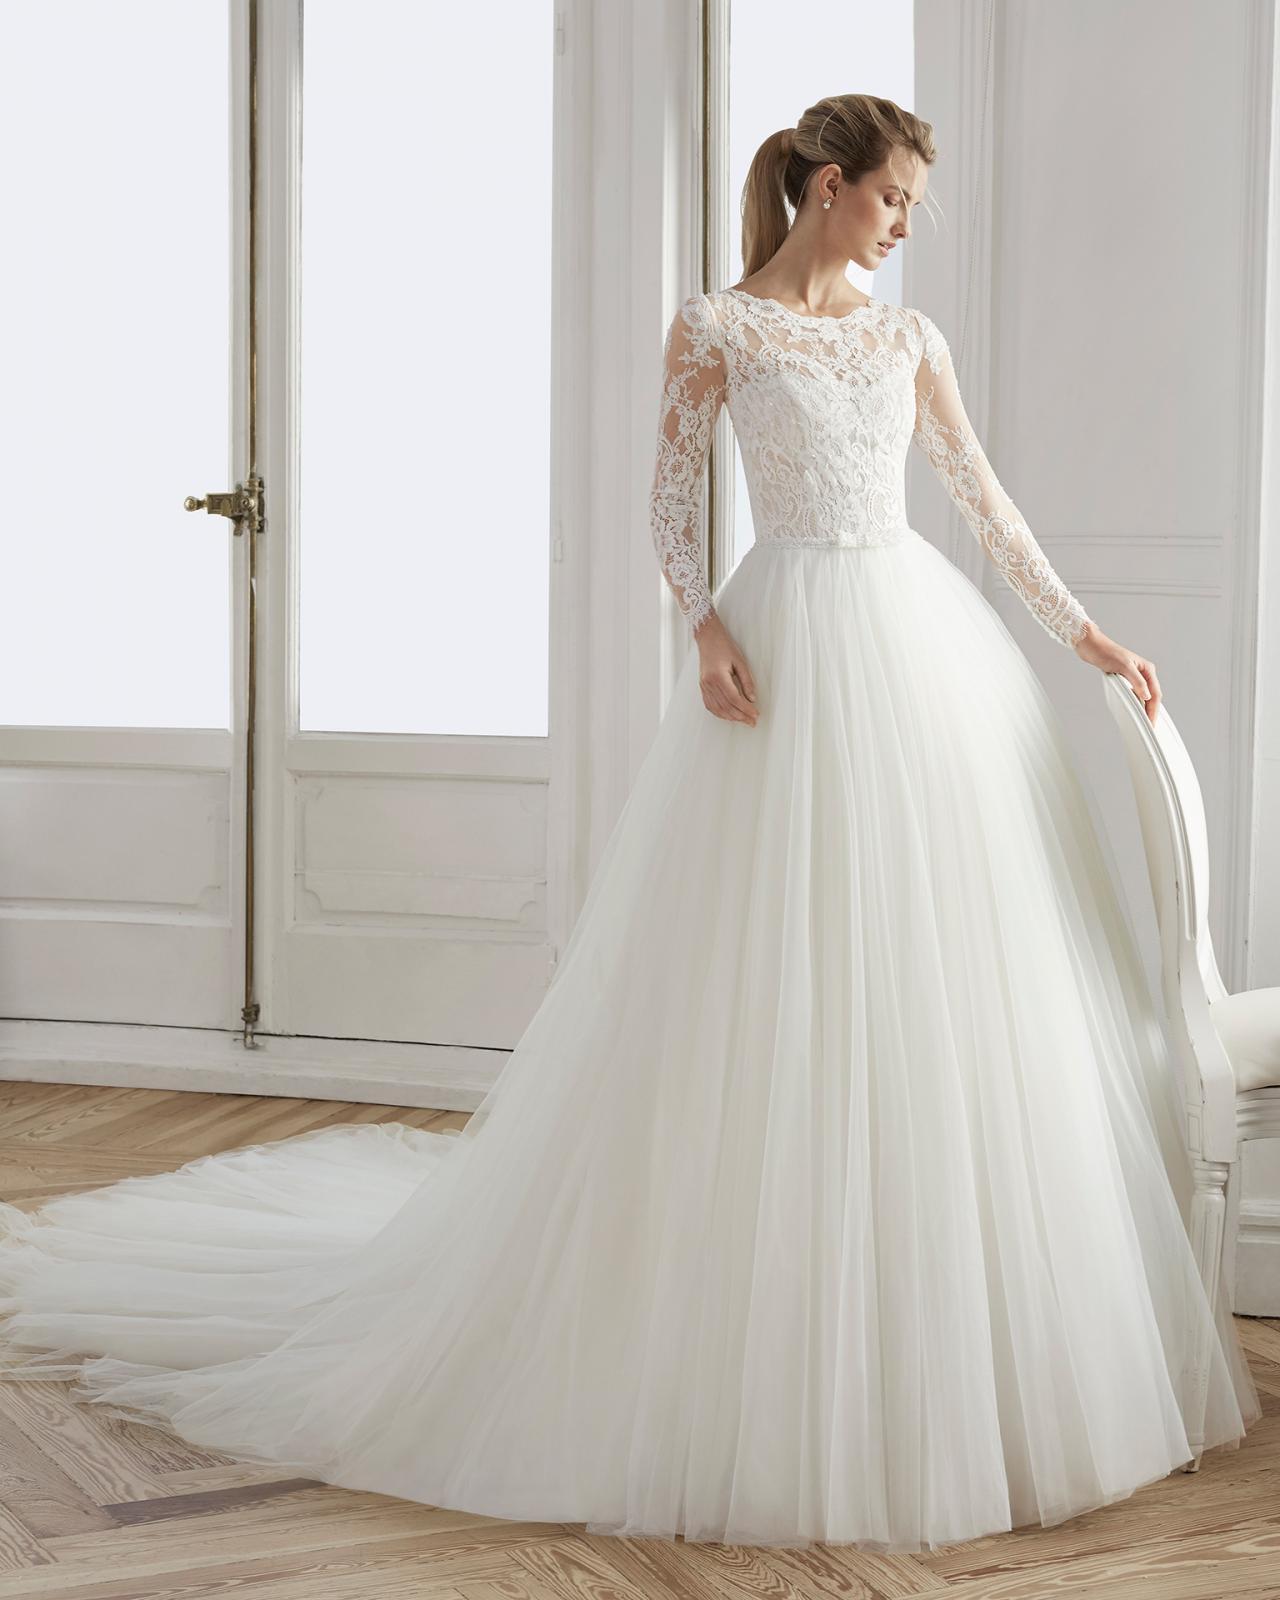 بالصور فساتين افراح , الريش والفيونكات احدث صيحات الموضة في عالم فساتين الزفاف 476 7